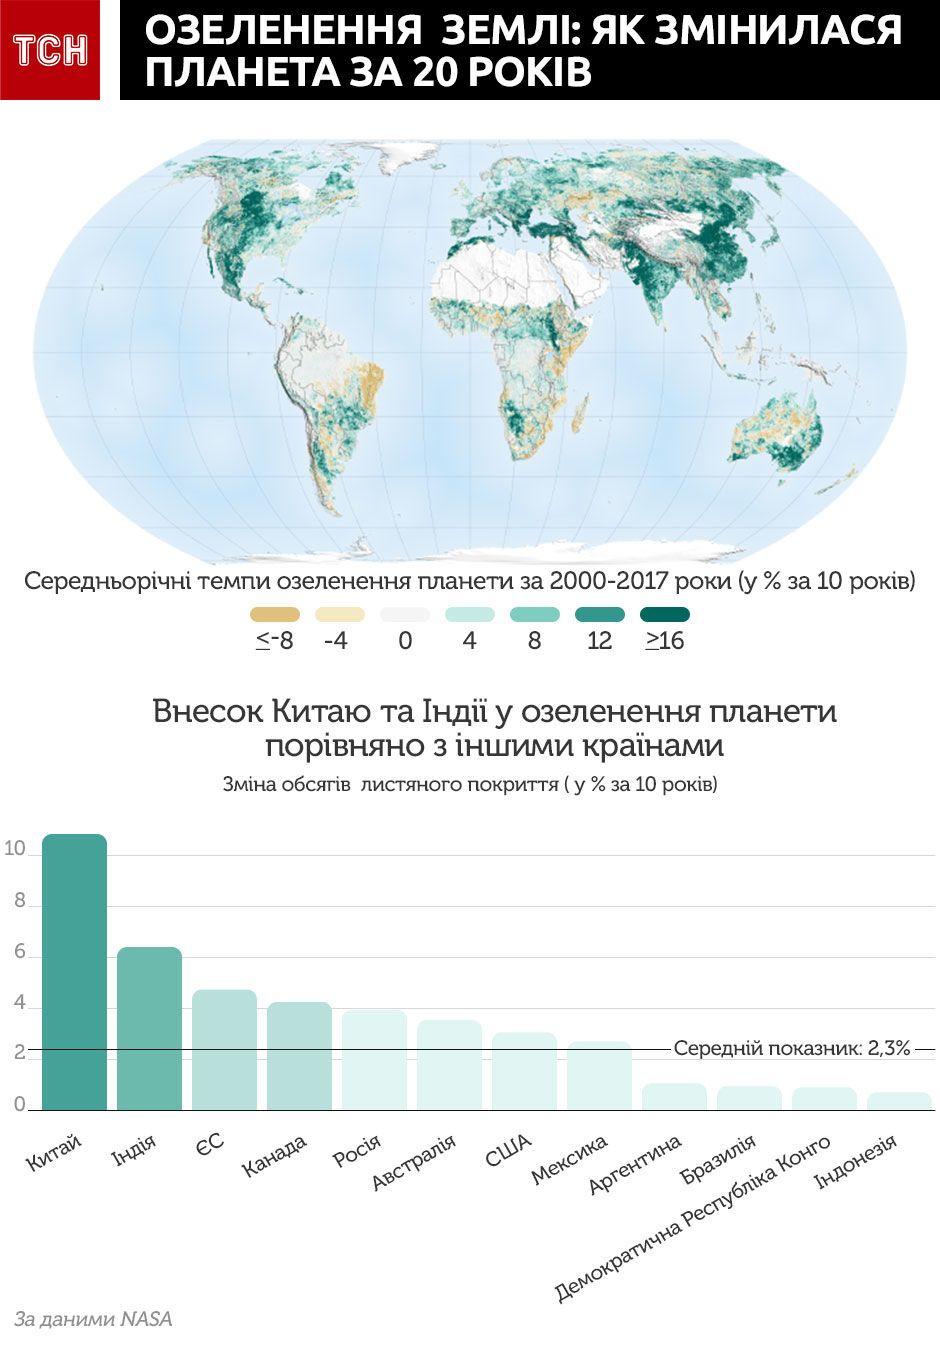 озеленення землі інфографіка, глобальне потепління